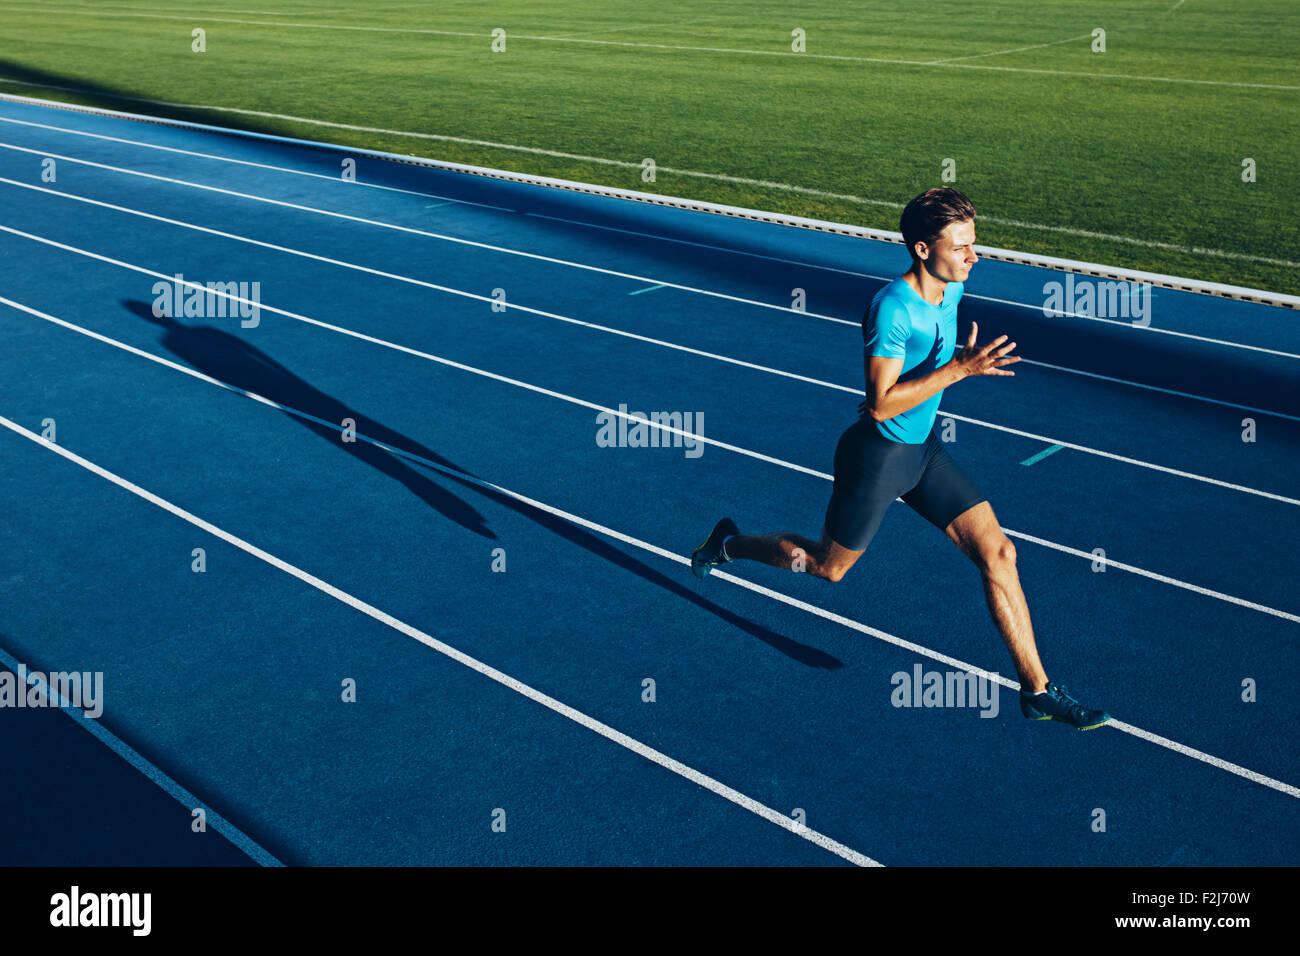 Inquadratura di un giovane atleta maschio training su una pista. Sprinter in esecuzione su piste per atletica. Immagini Stock